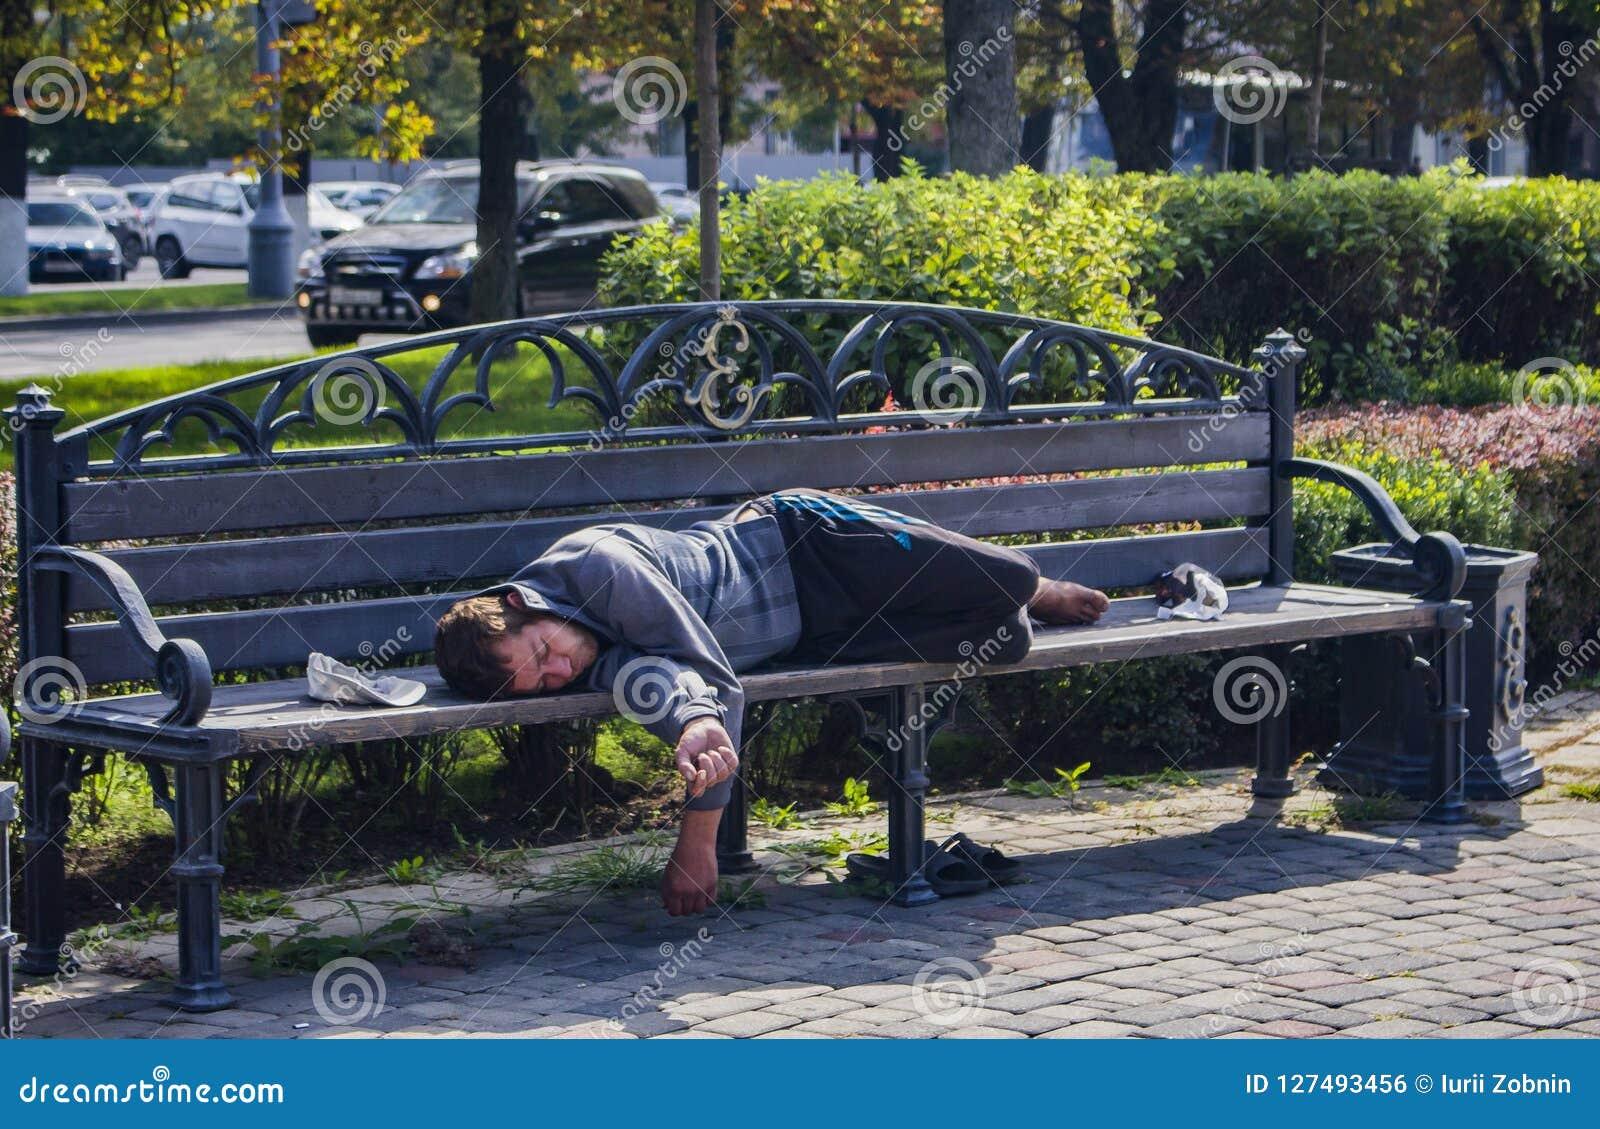 La Russie, clochard de Krasnodar le 29 septembre 2018 dort sur un banc dans la ville